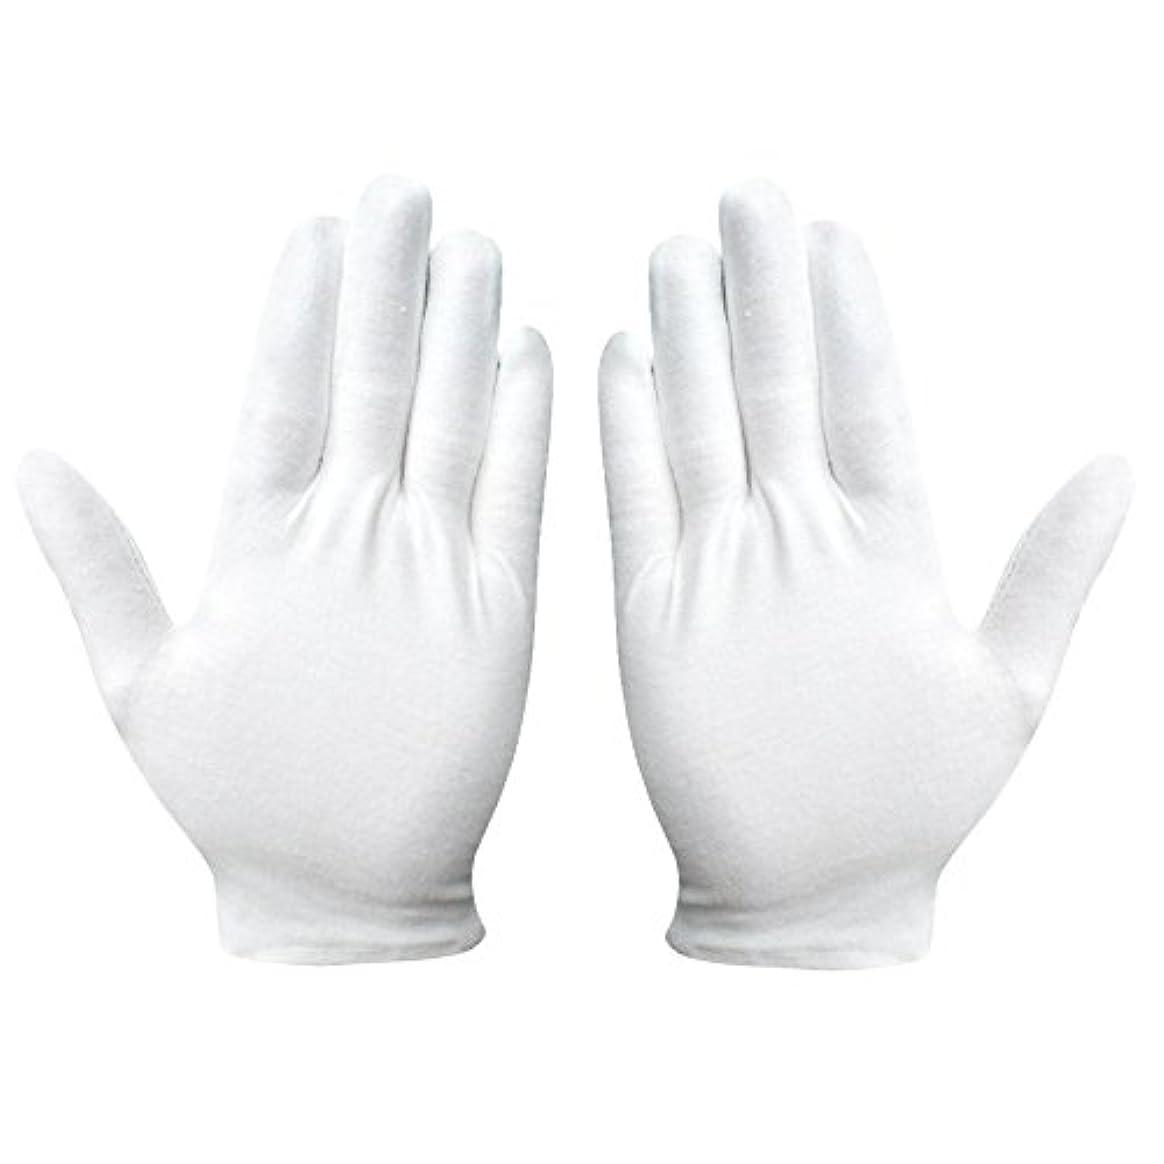 不規則なストライプ家具綿手袋 純綿 コットン手袋 白手袋 薄手 通気性 手荒れ予防 【湿疹用 乾燥肌用 保湿用 礼装用】12双組